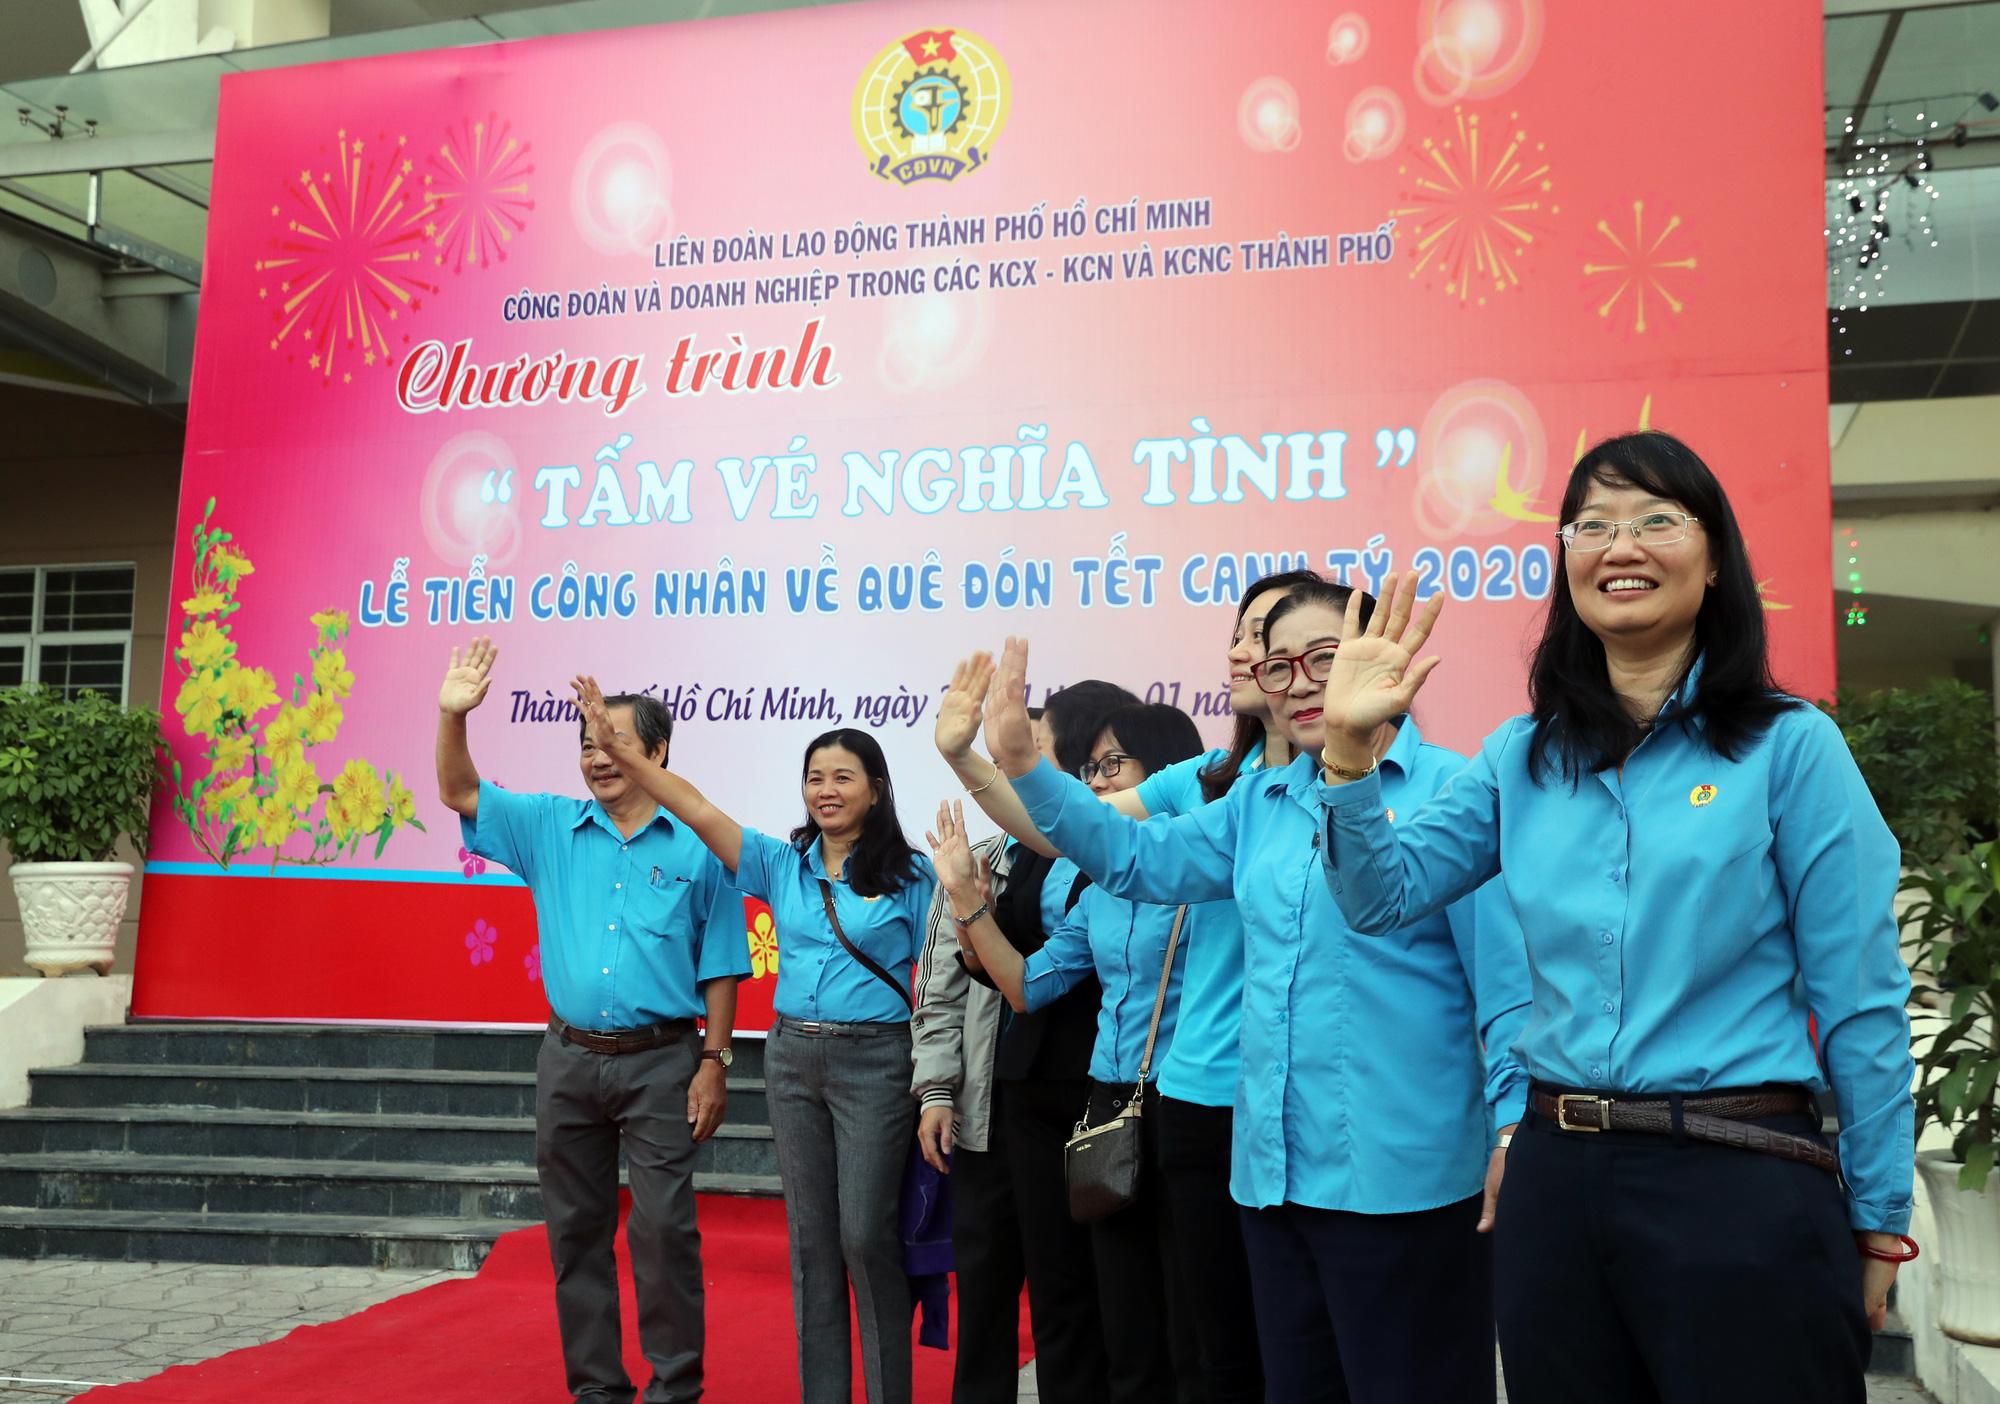 Lãnh đạo LĐLĐ TP HCM bịn rịn tiễn công nhân về quê đón Tết - Ảnh 7.